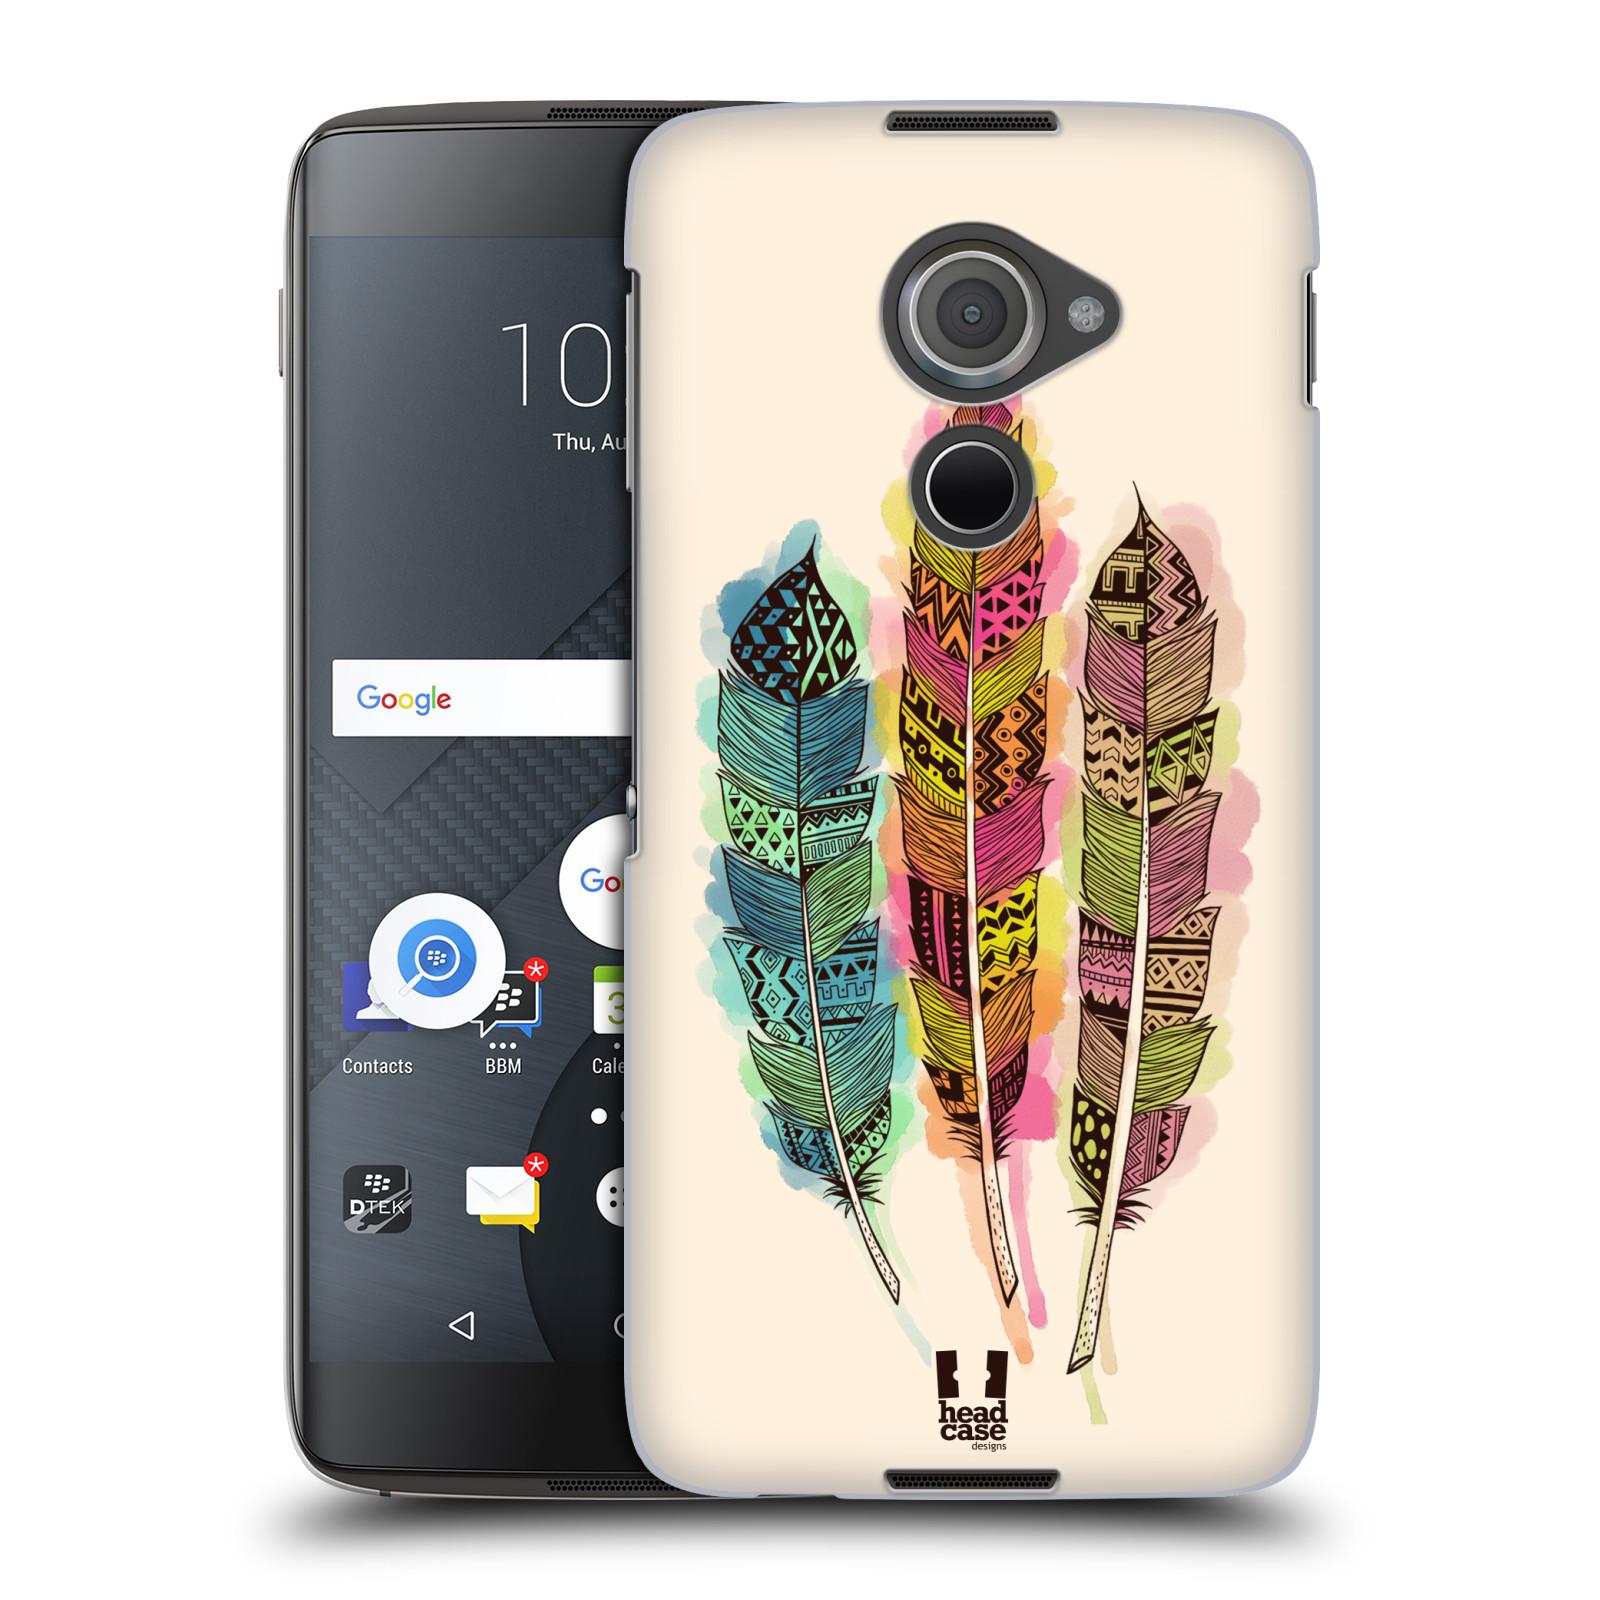 Plastové pouzdro na mobil Blackberry DTEK60 (Argon) - Head Case AZTEC PÍRKA SPLASH